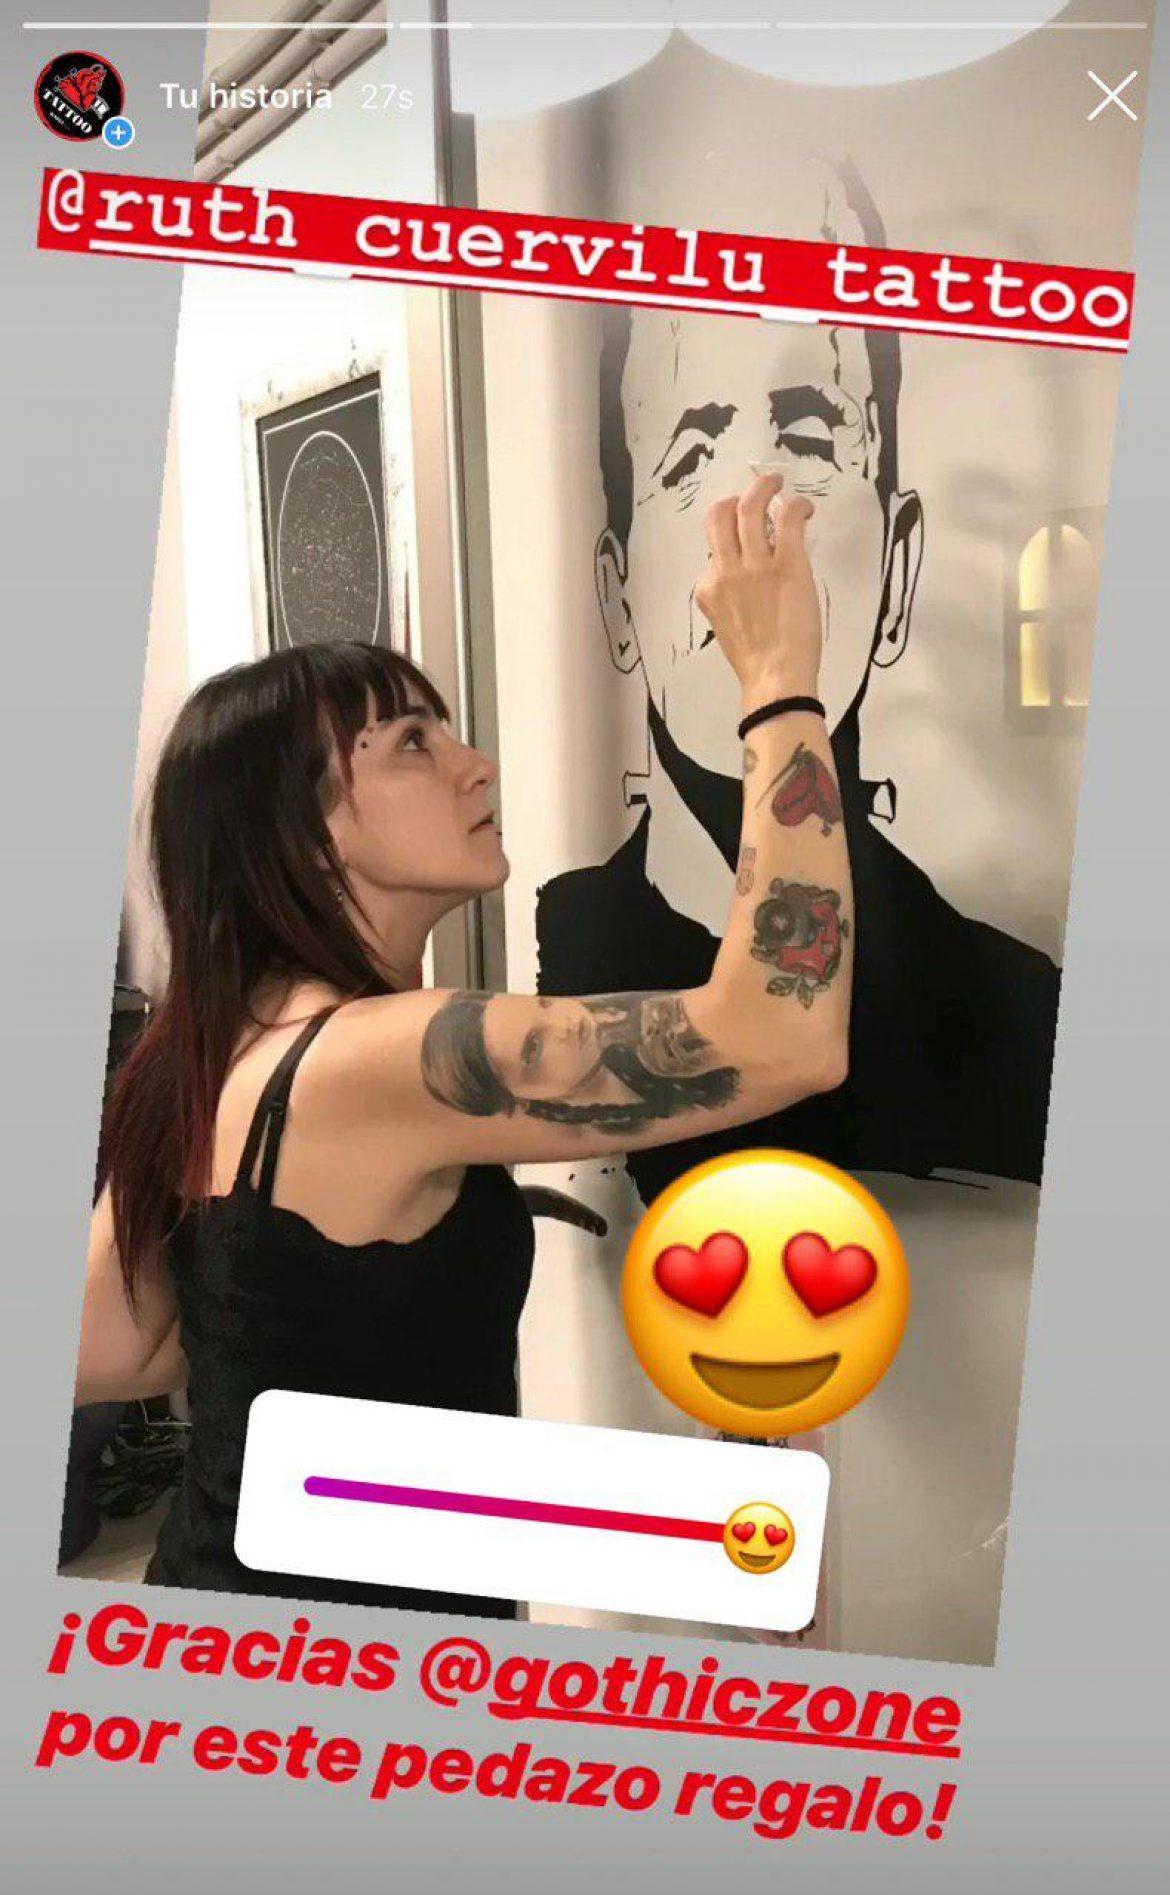 Frankie en KM13 Studio - Ruth Cuervilu Tattoo. Estudio de tatuajes en Astrabudua, Erandio, Bizkaia